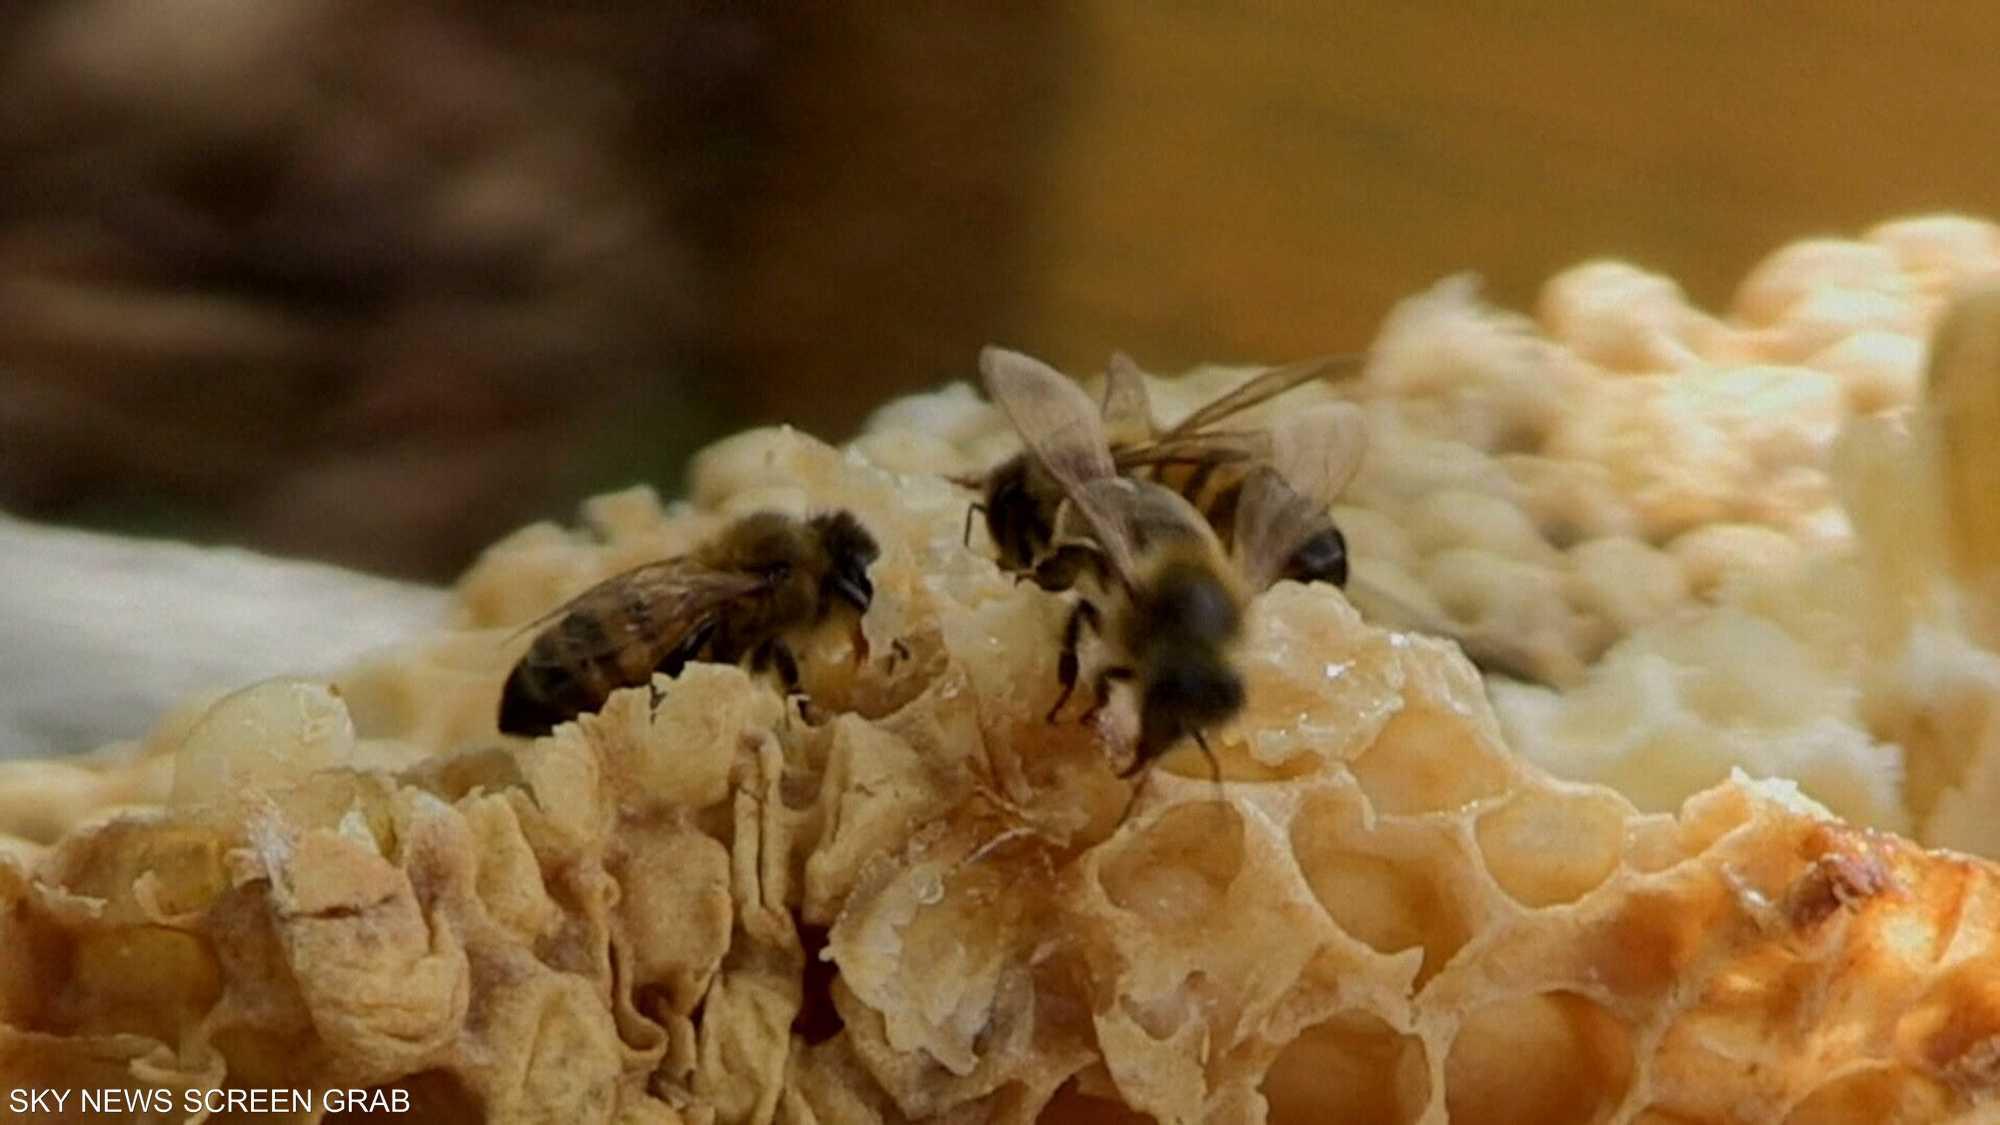 خبراء يعتمدون على النحل في الكشف عن المخدرات والألغام